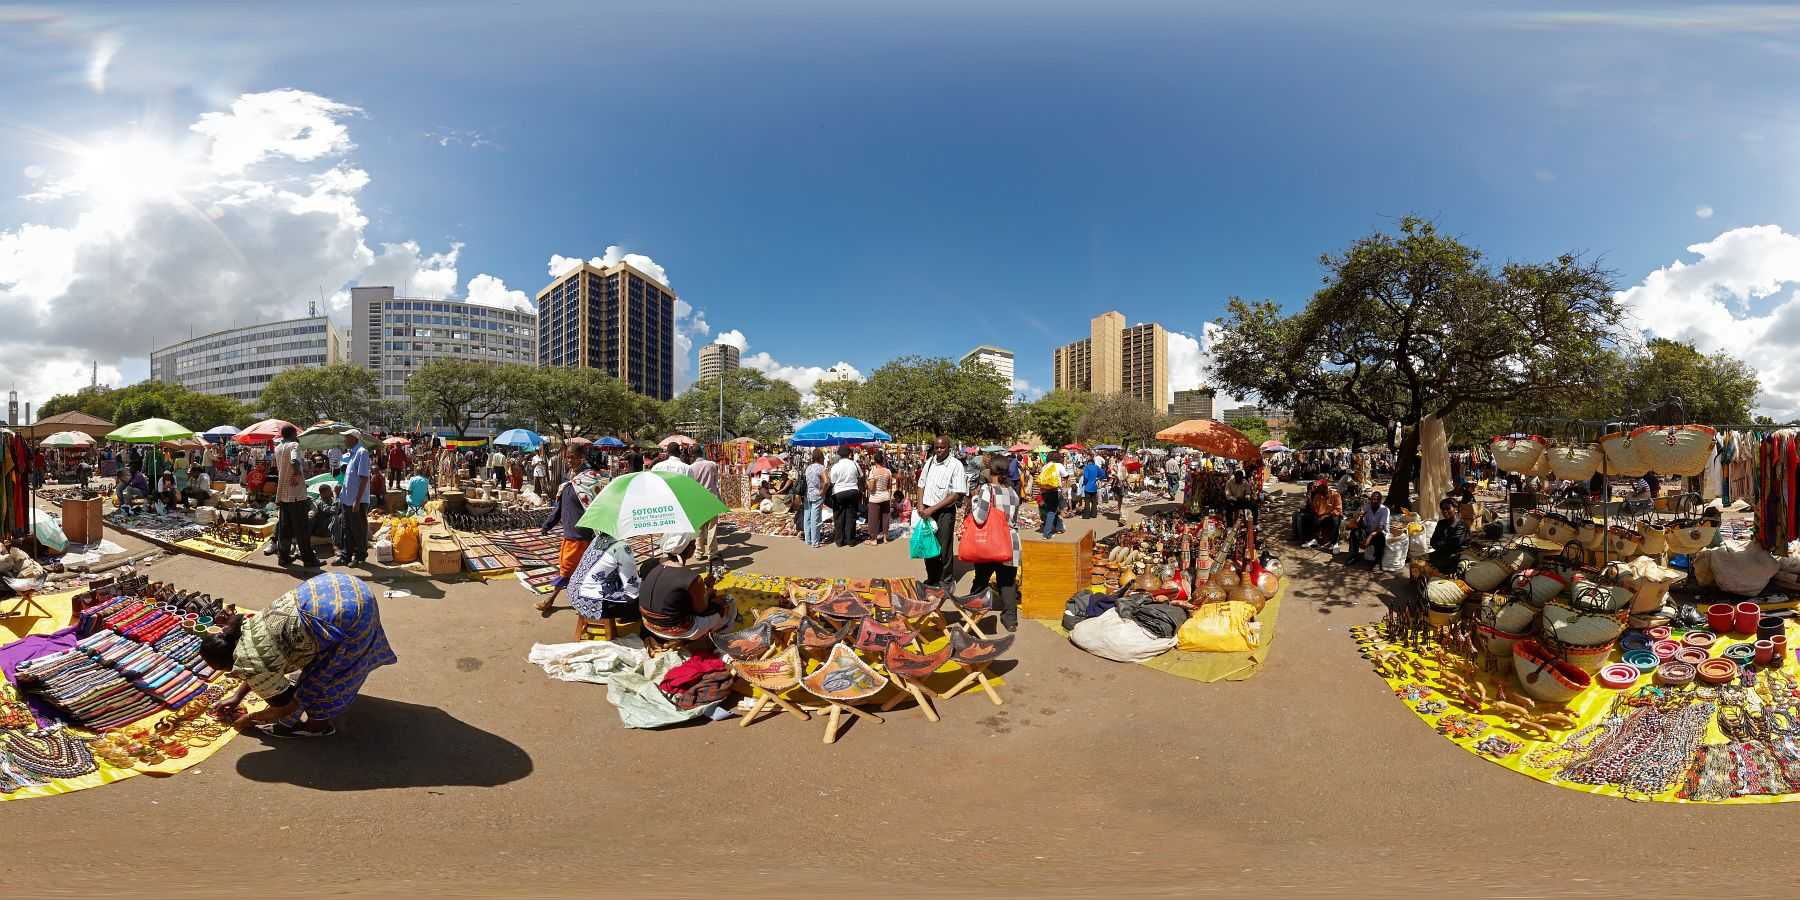 Panorama Kenia Nairobi Markt 3